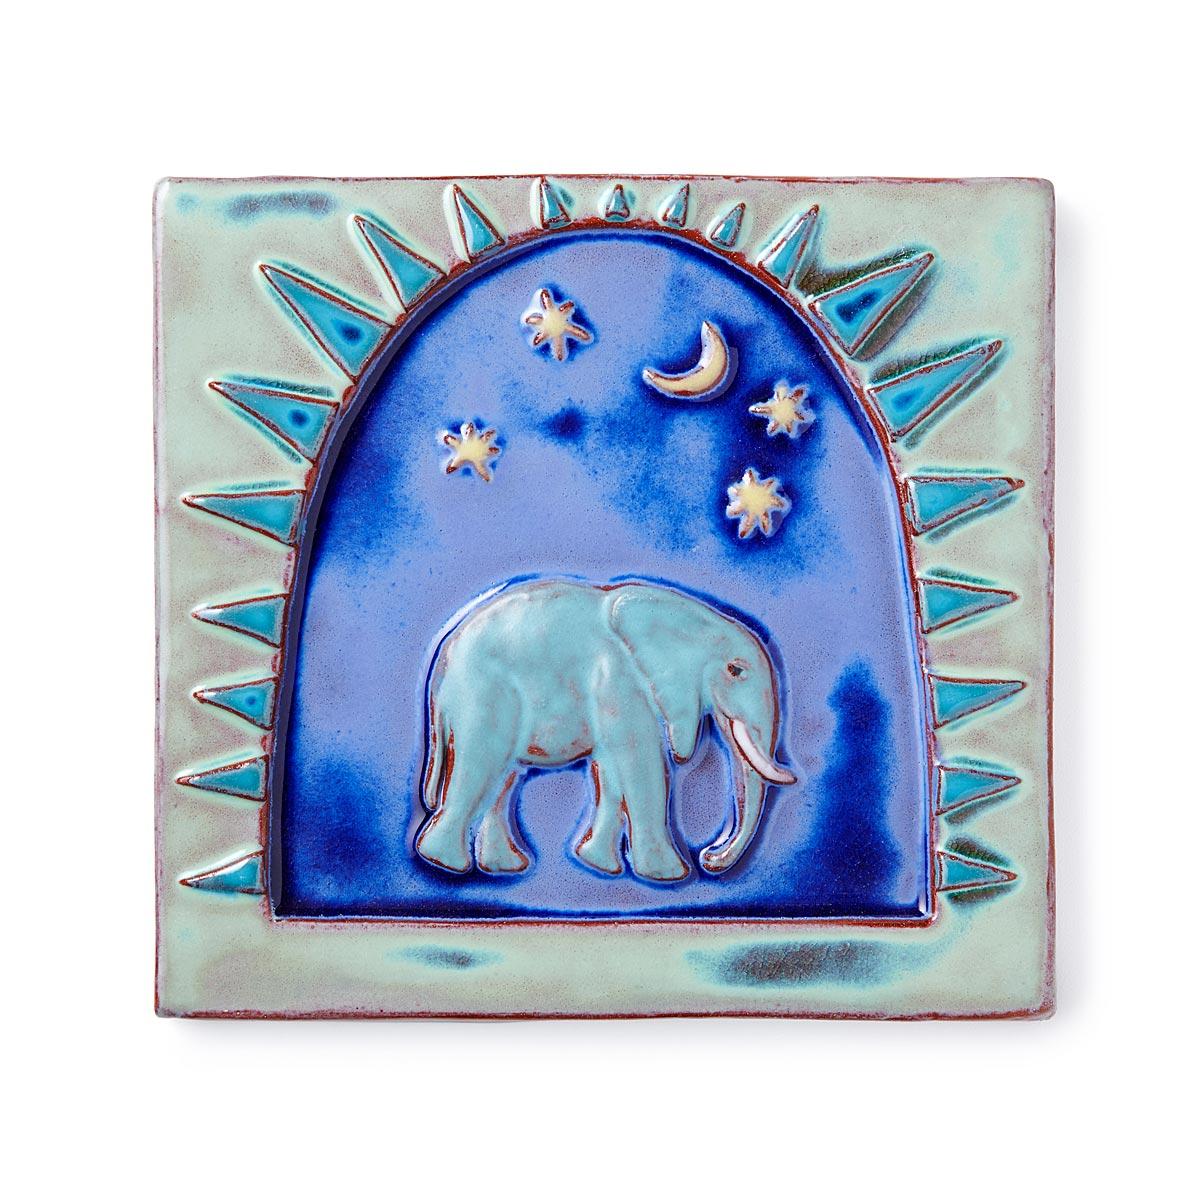 Elephant Art Tile | Handmade Tiles, Terracotta | UncommonGoods